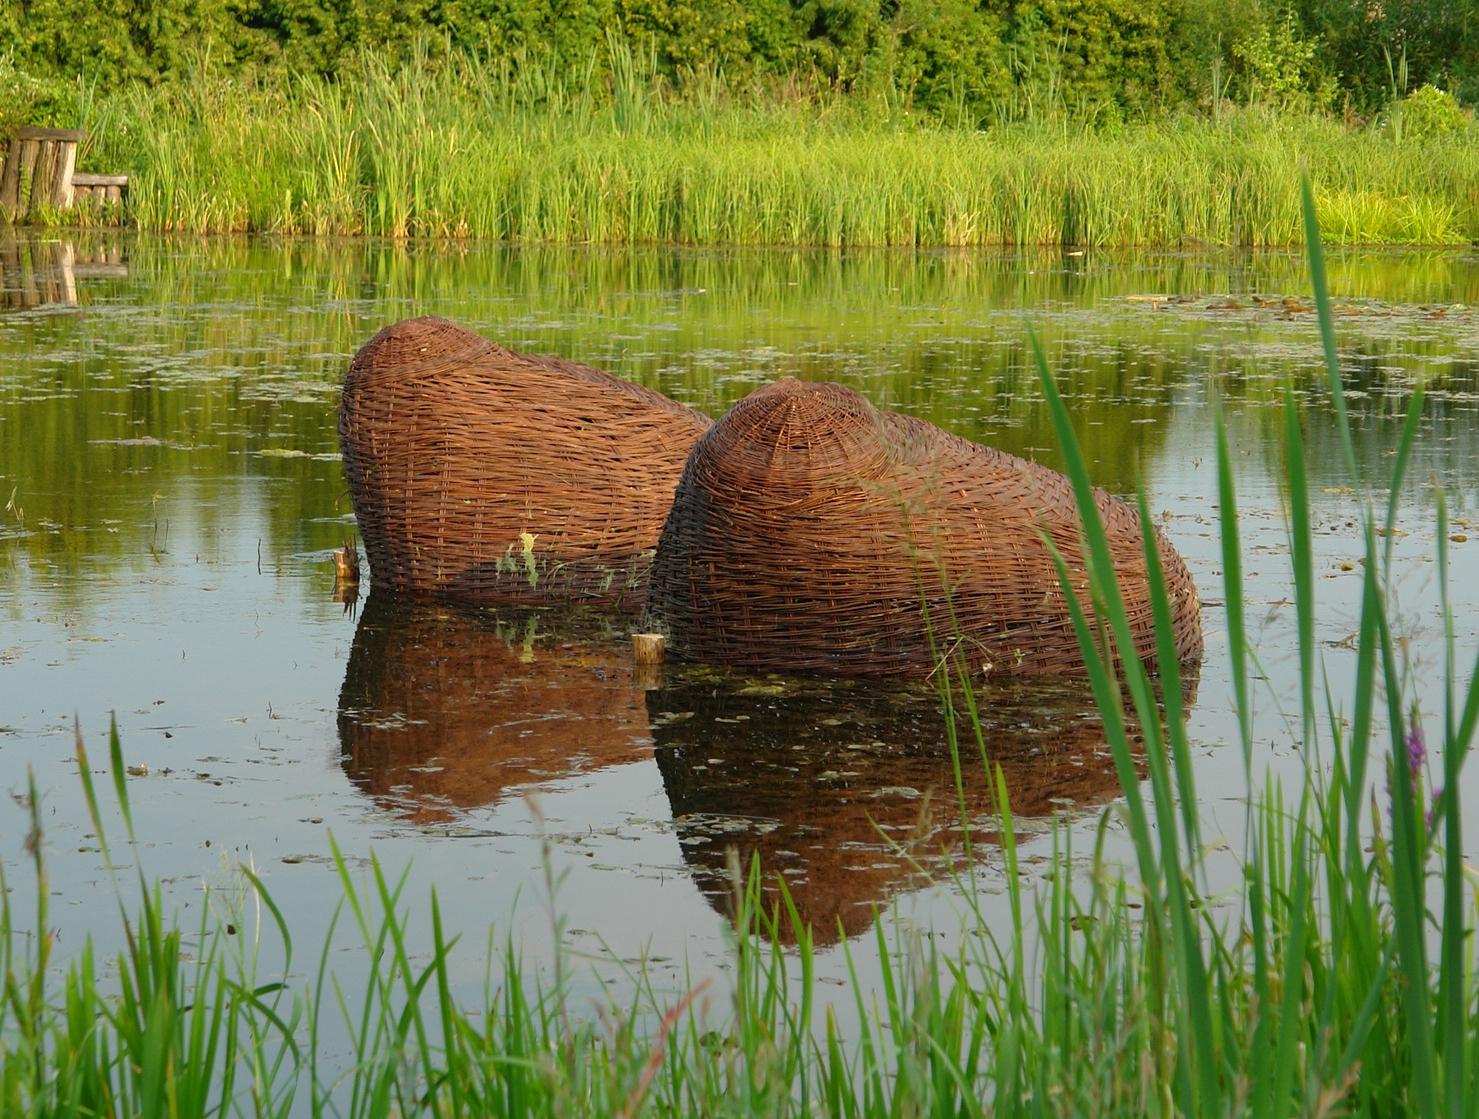 Piersi, 2006, Wicker, Bolestraszyce, Poland